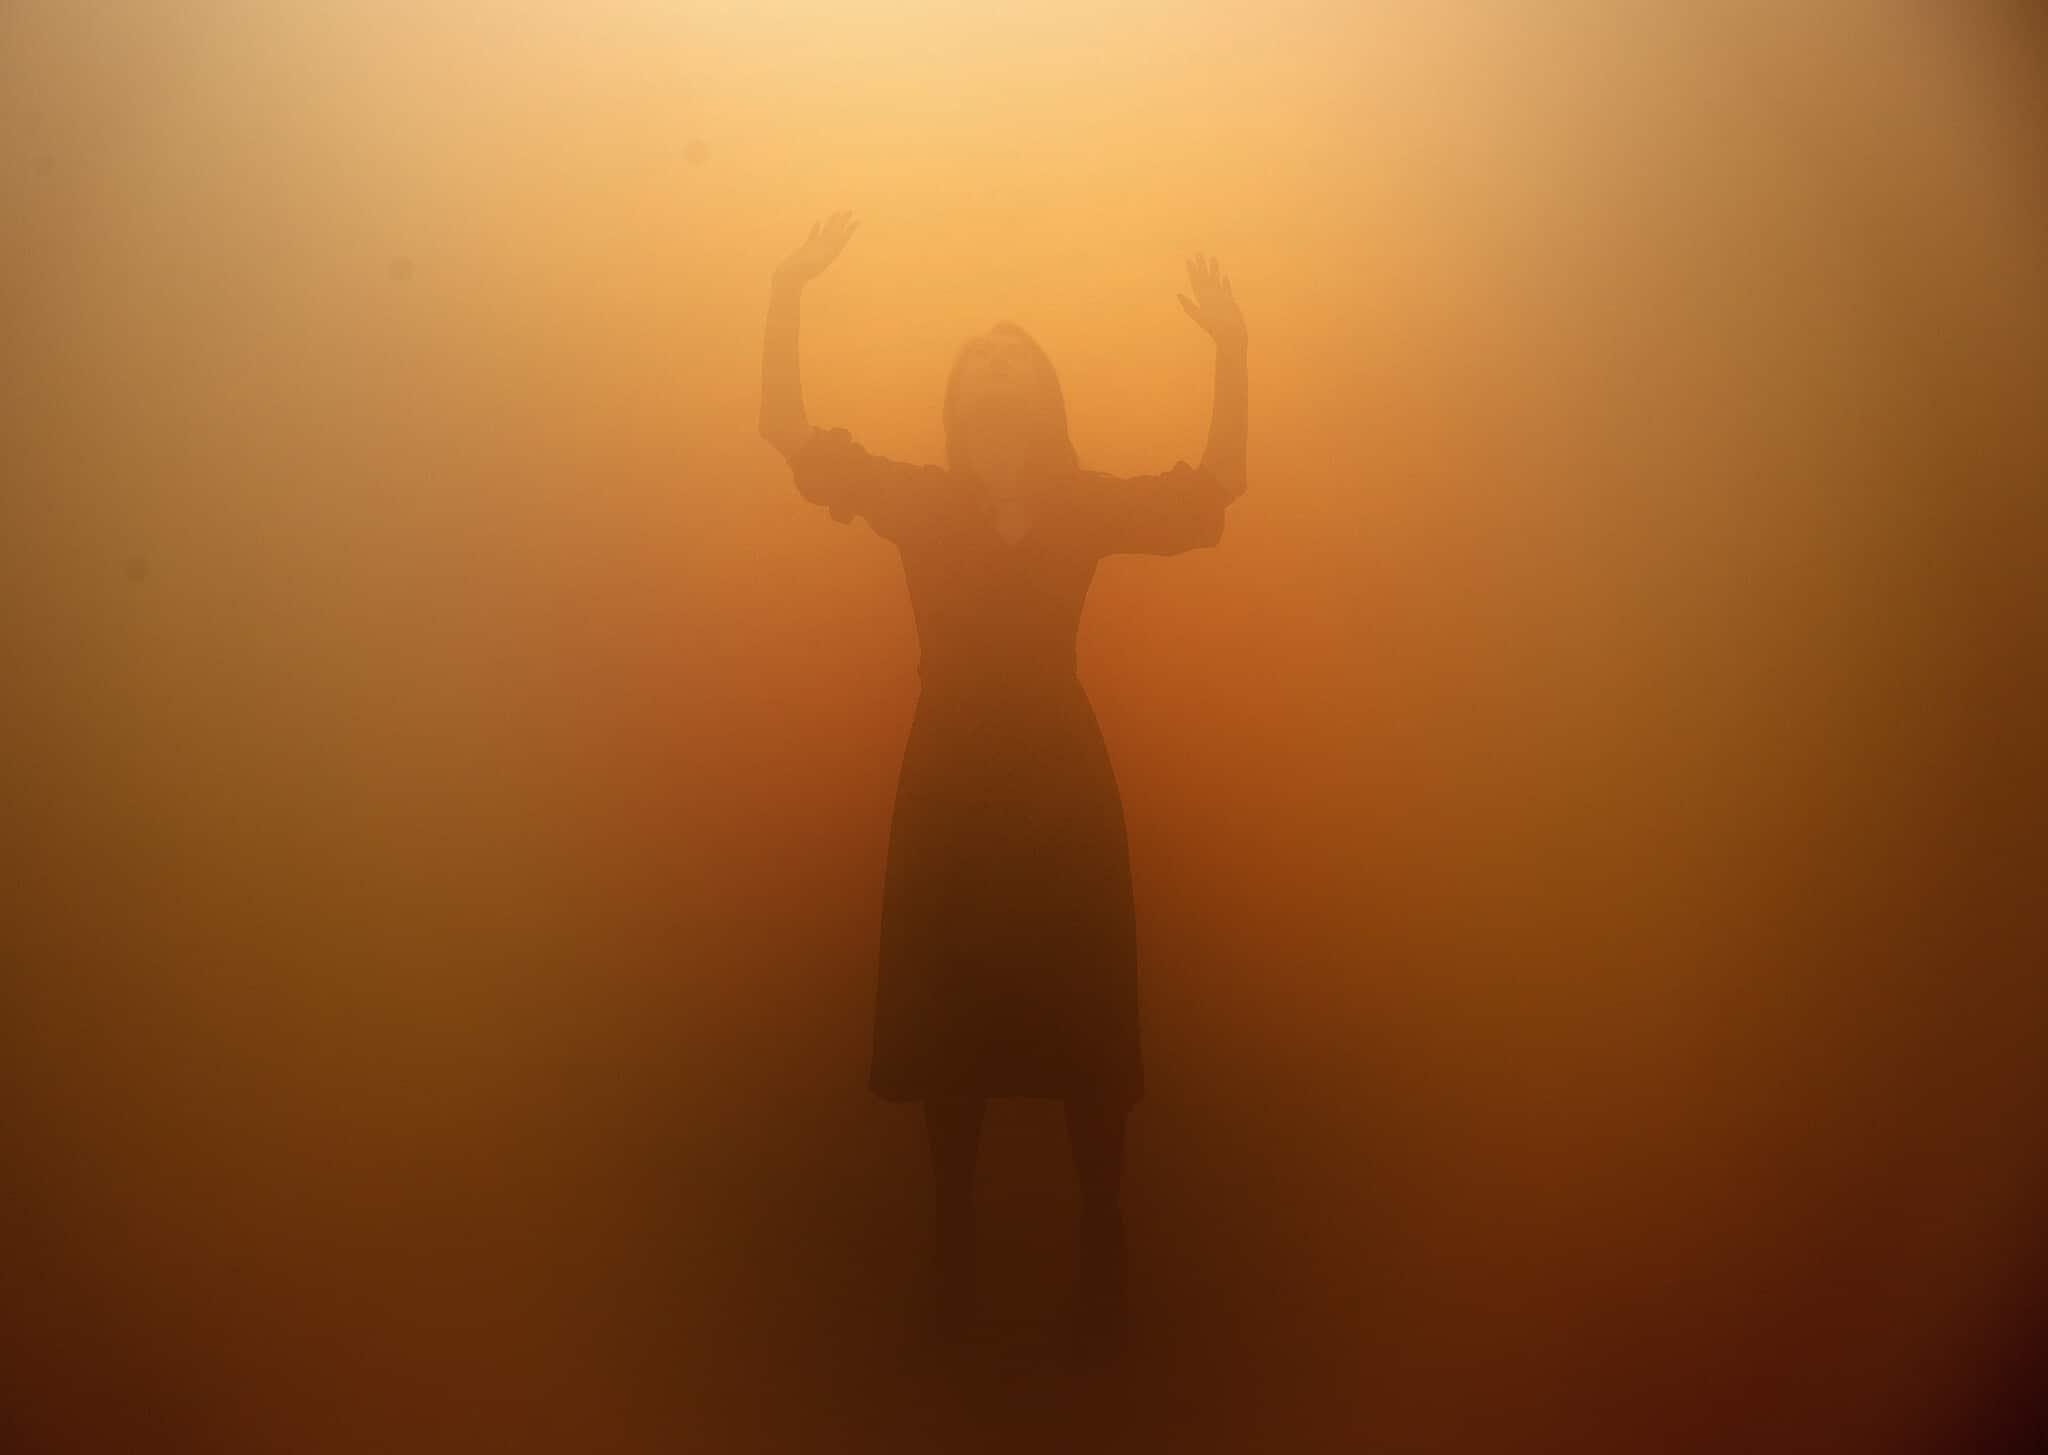 אילוסטרציה: מבקרת במיצג היוצר תחושה של ליקוי ראייה במוזיאון טייט גלרי בלונדון, 2019 (צילום: AP Photo/Frank Augstein)